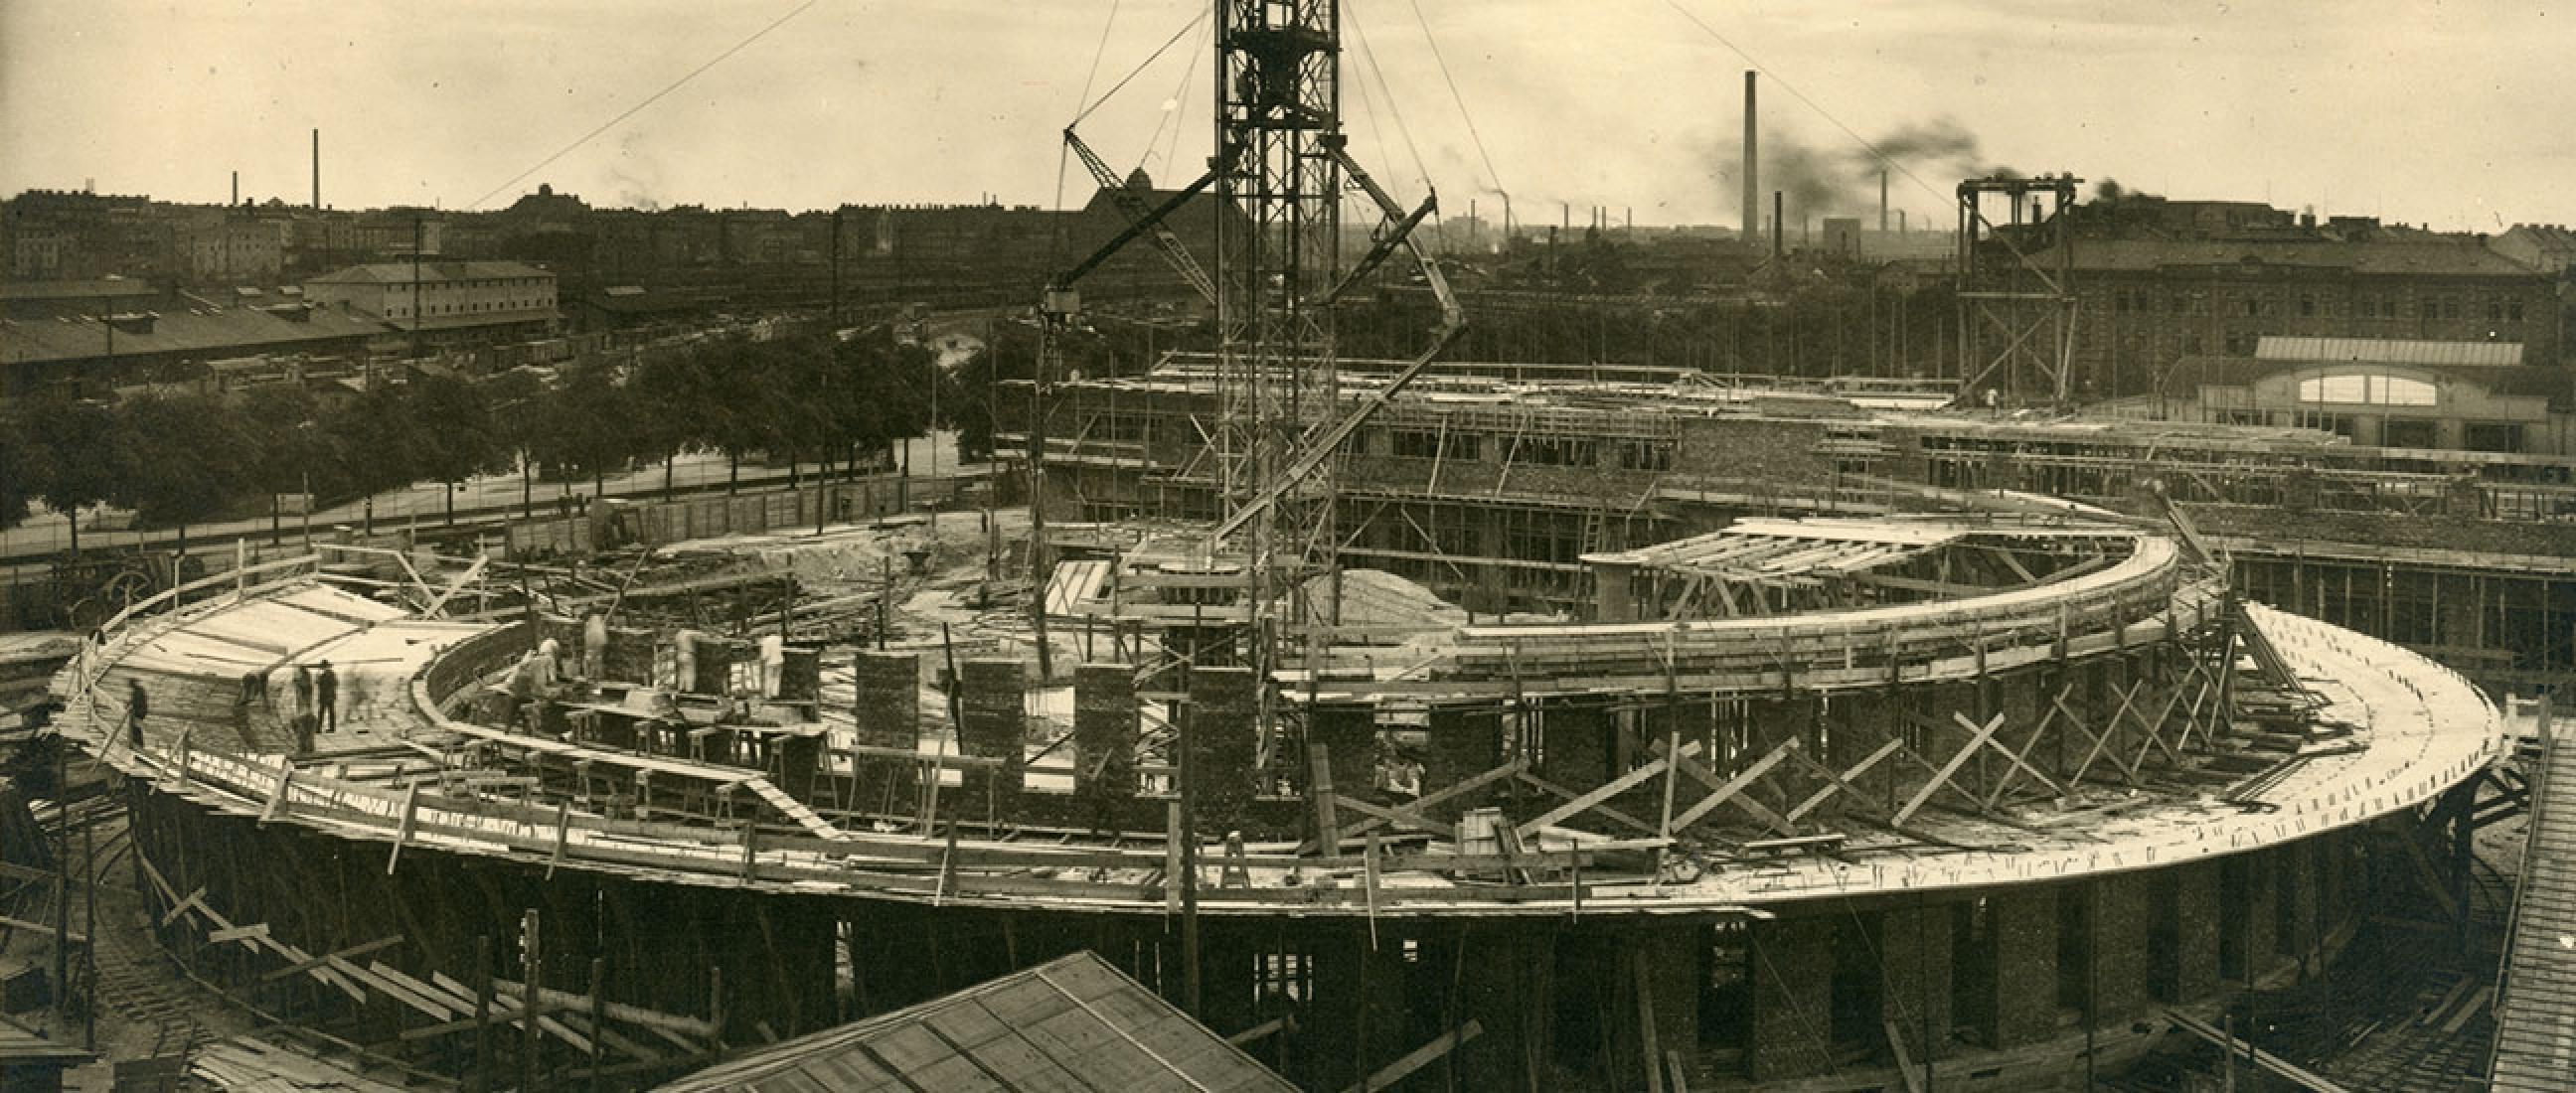 Rohbau der Rotunde, um 1926 © Museumsstiftung Post und Telekommunikation